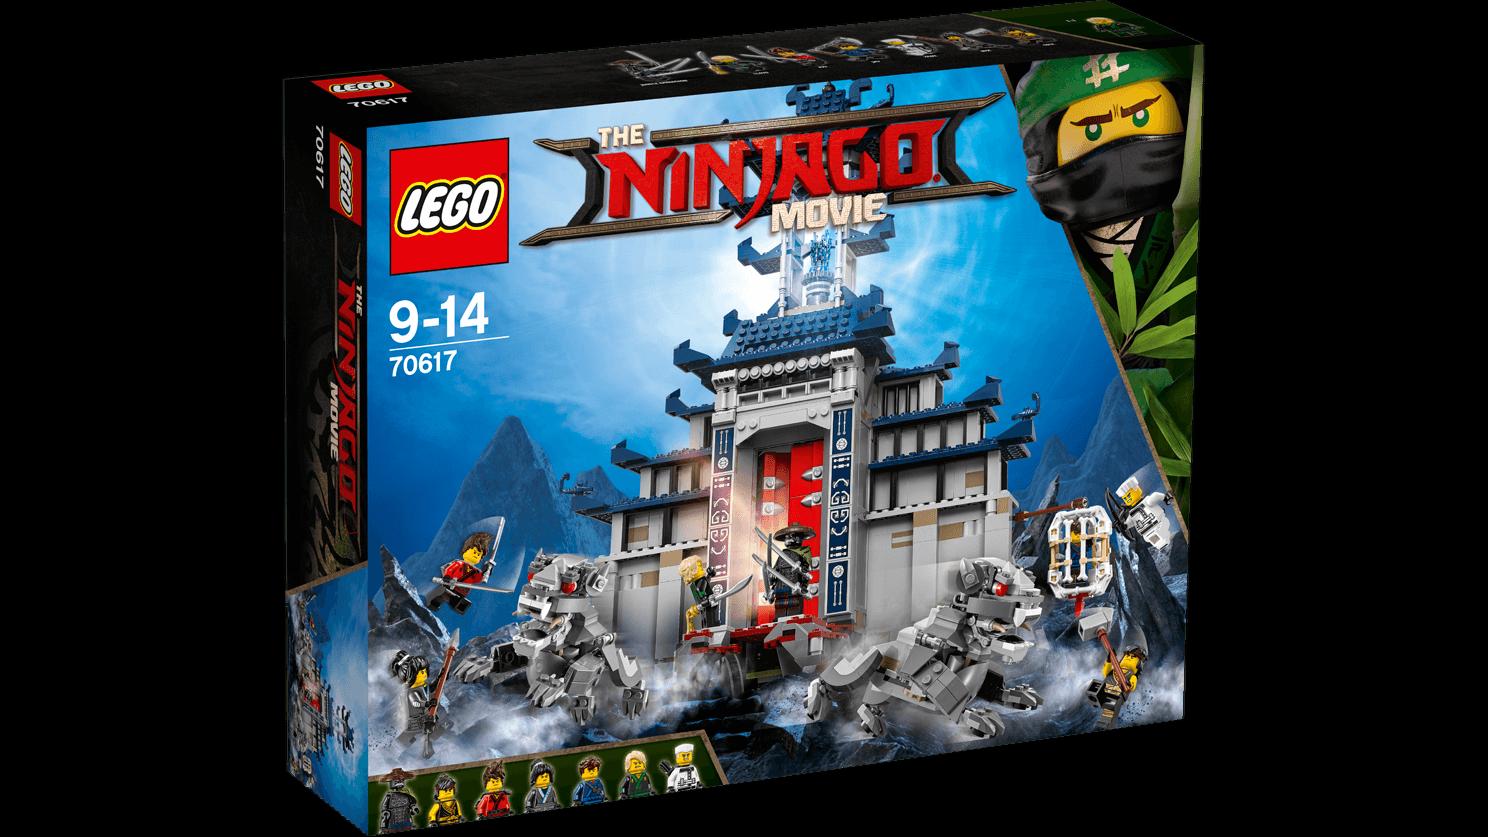 1403 Delle Armi Movie 9 70617 Finali Pz Tempio Ninjago 14anni Lego 3Aqjc4L5R